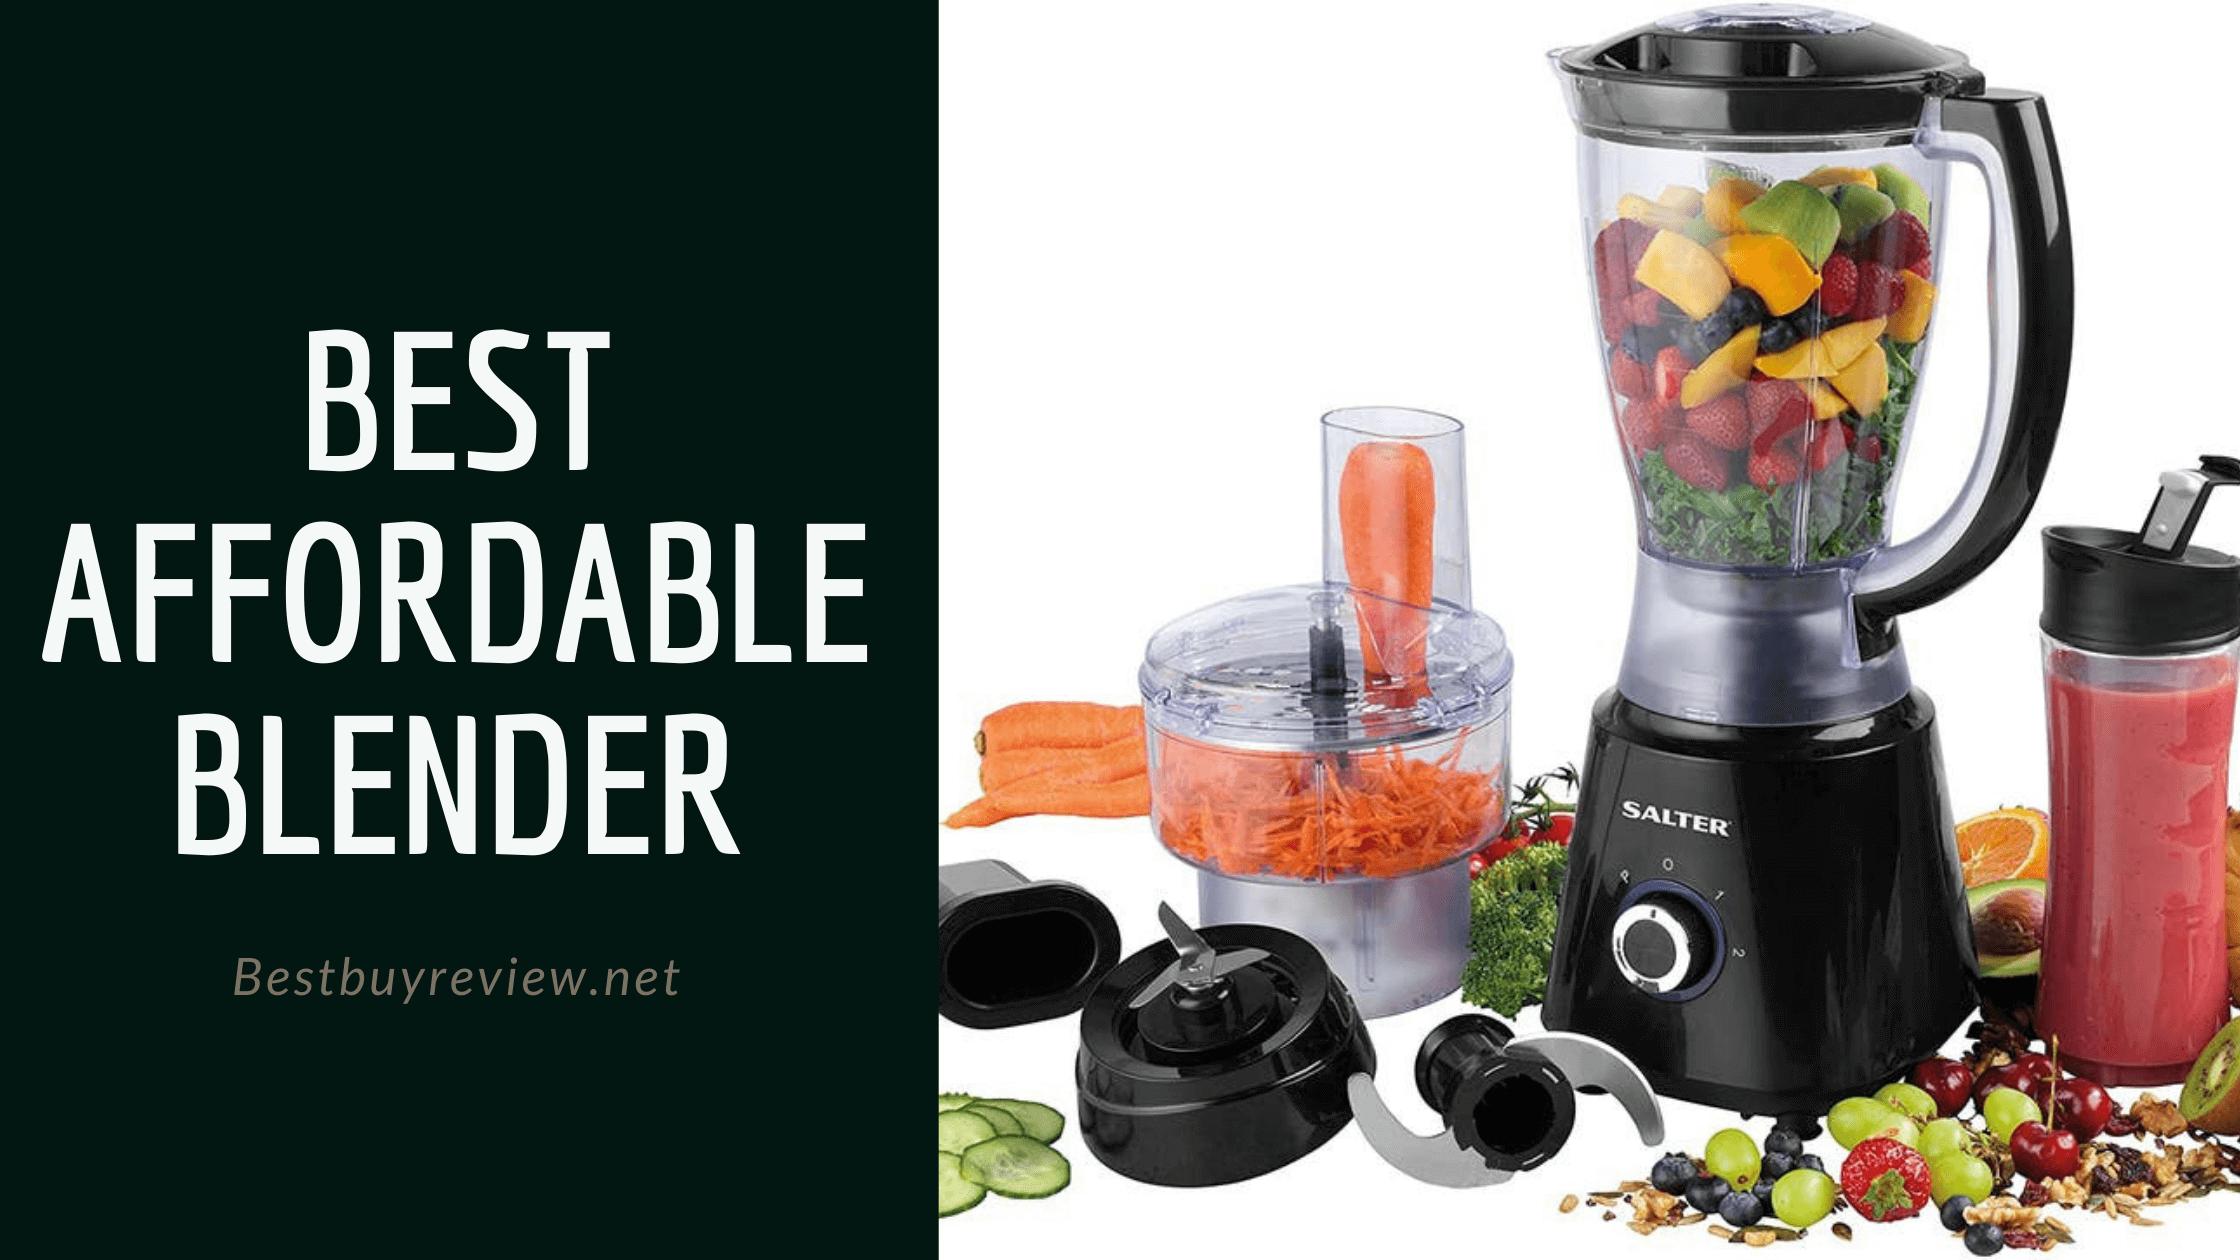 Best Affordable Blender